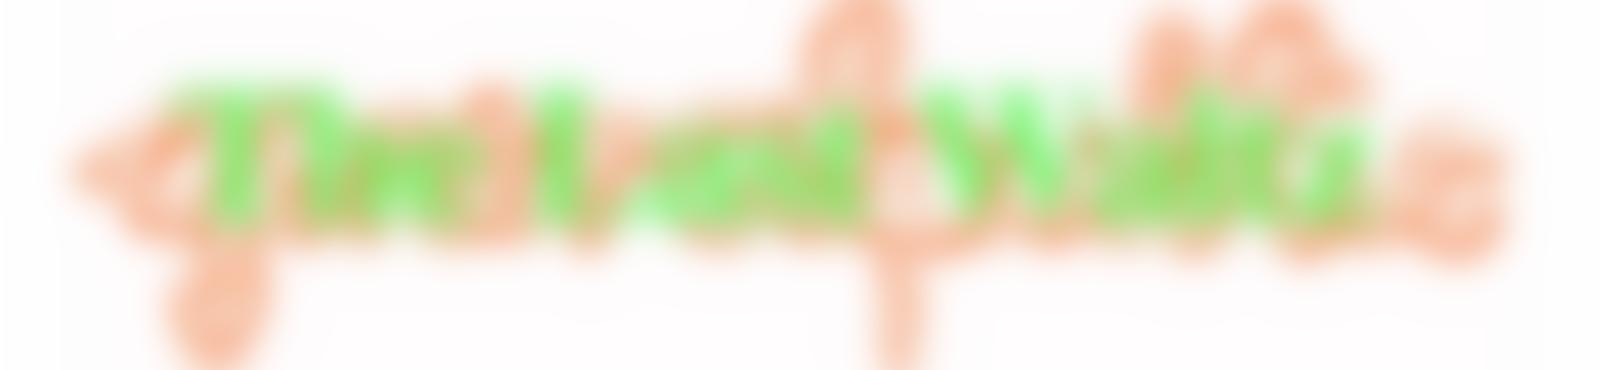 Blurred 18bfa170 29c7 4795 b805 4c0c3a29e346